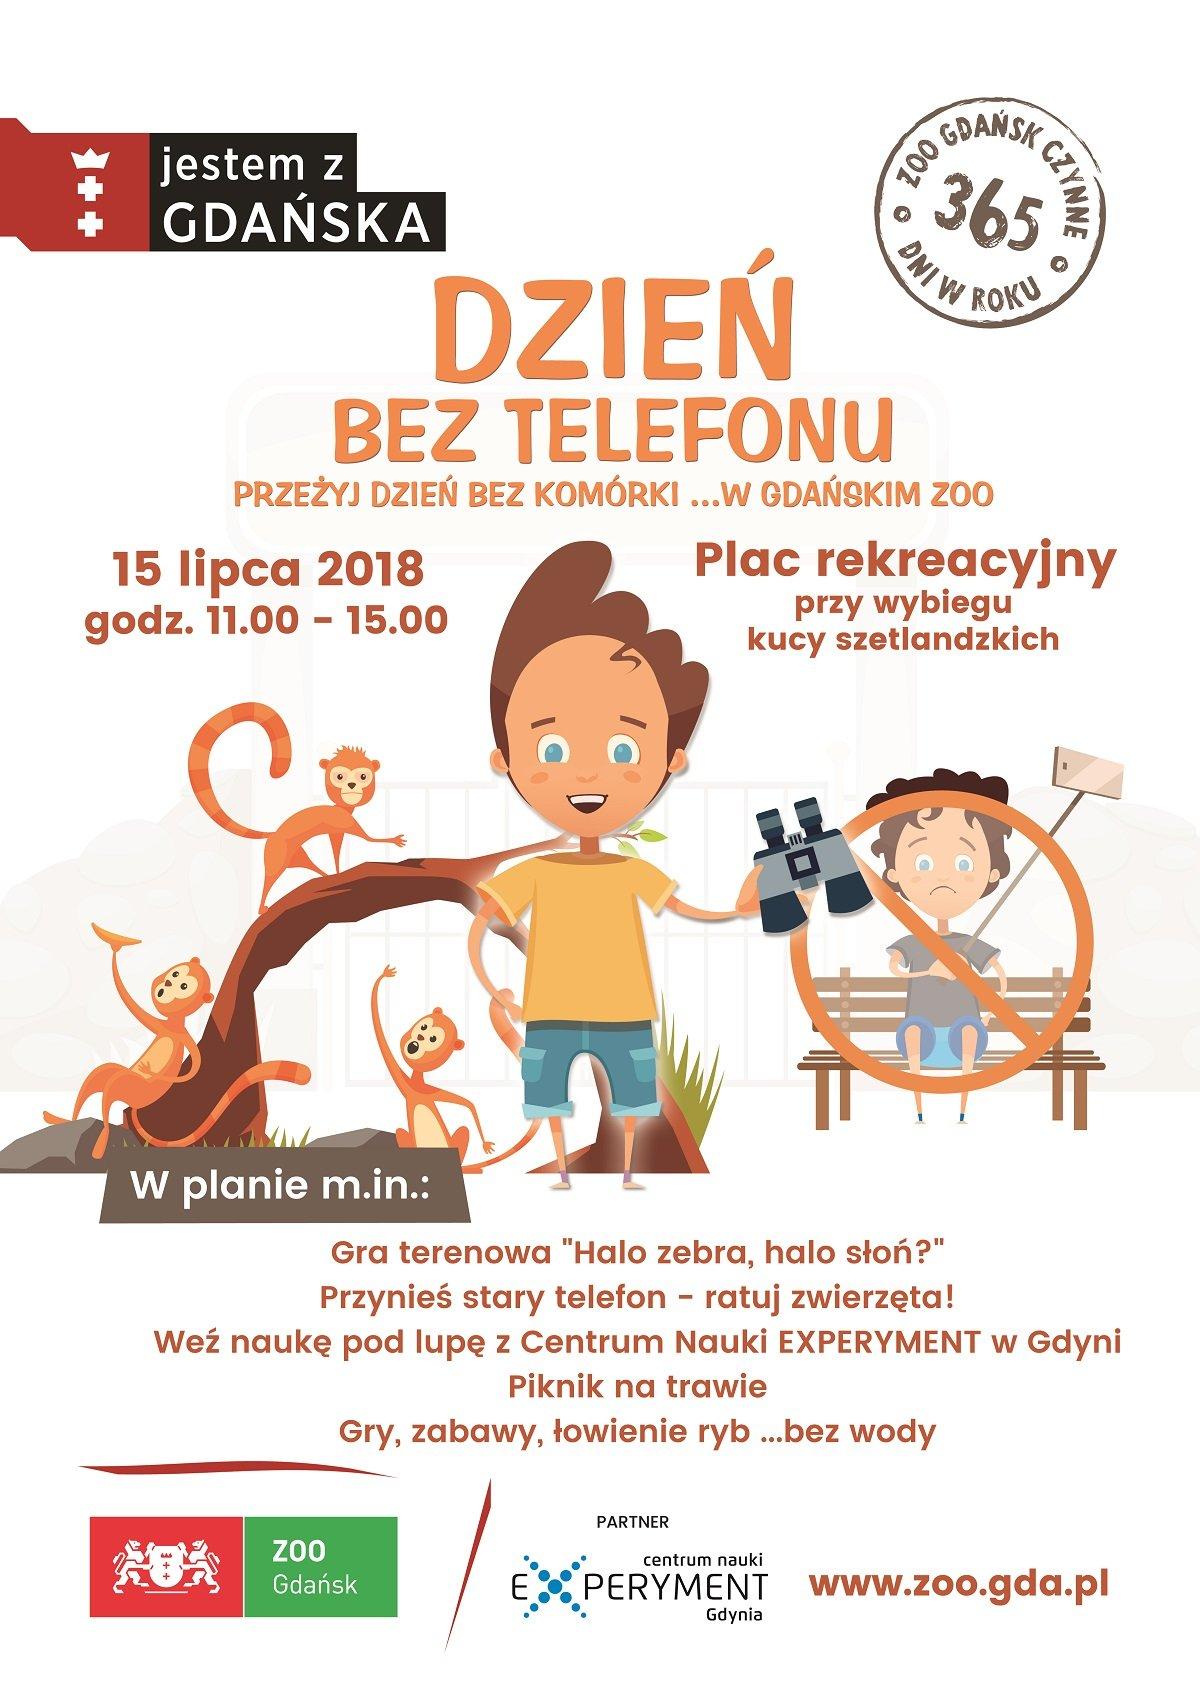 Dzień bez telefonu w gdańskim ZOO